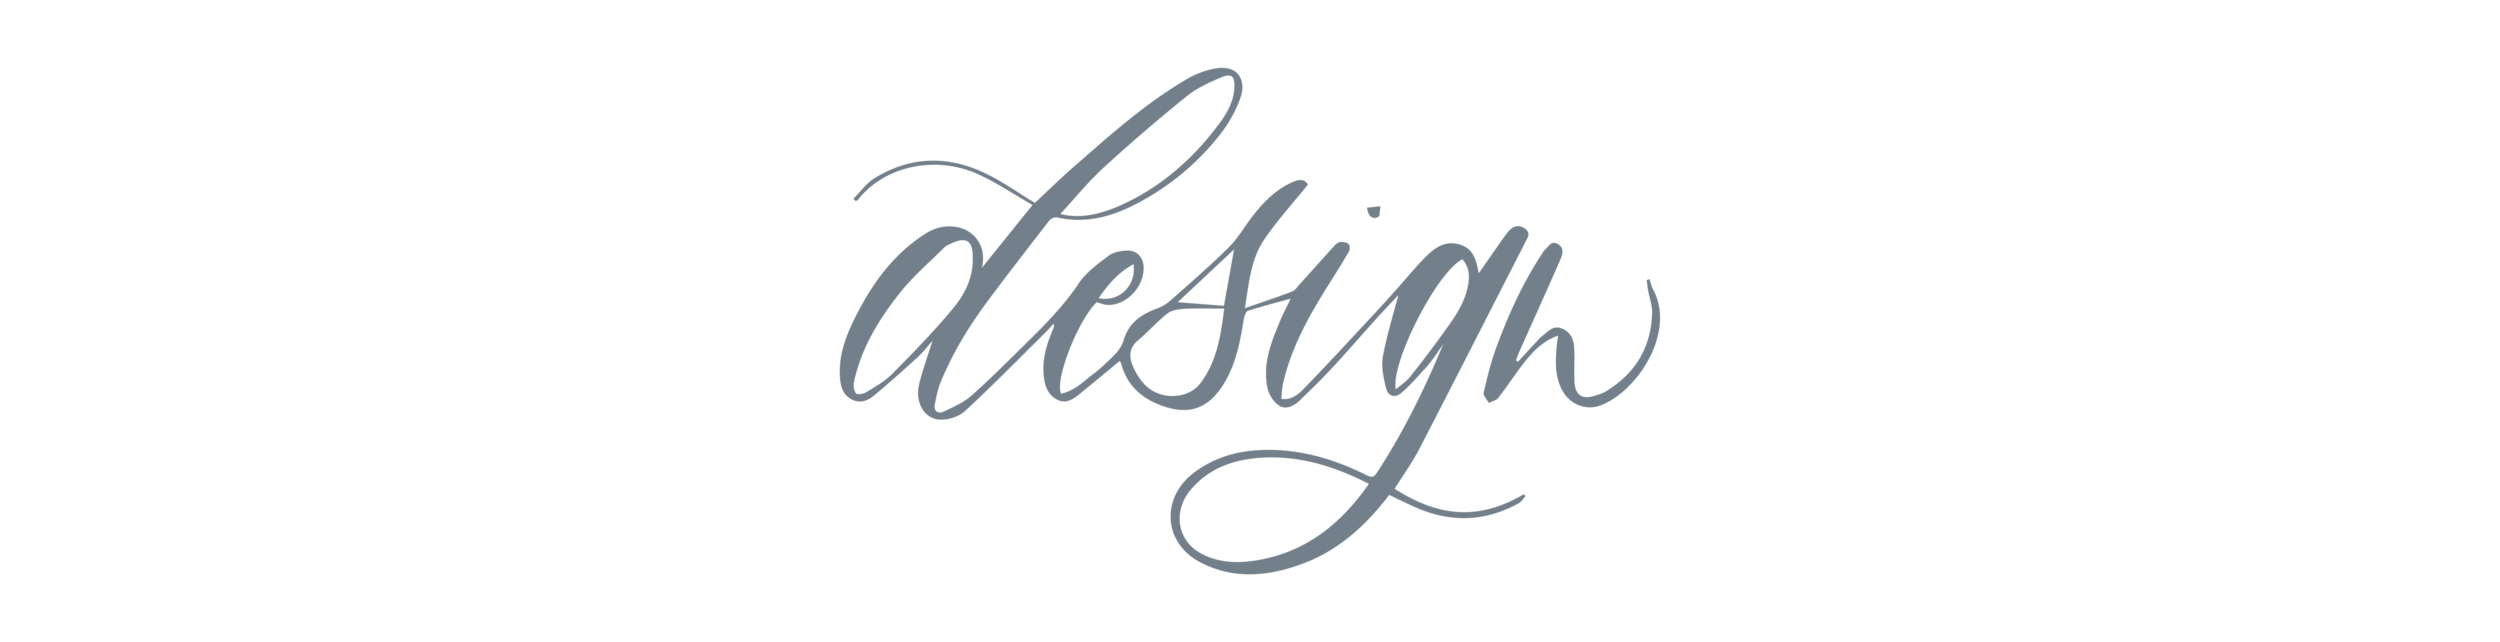 design-01.png